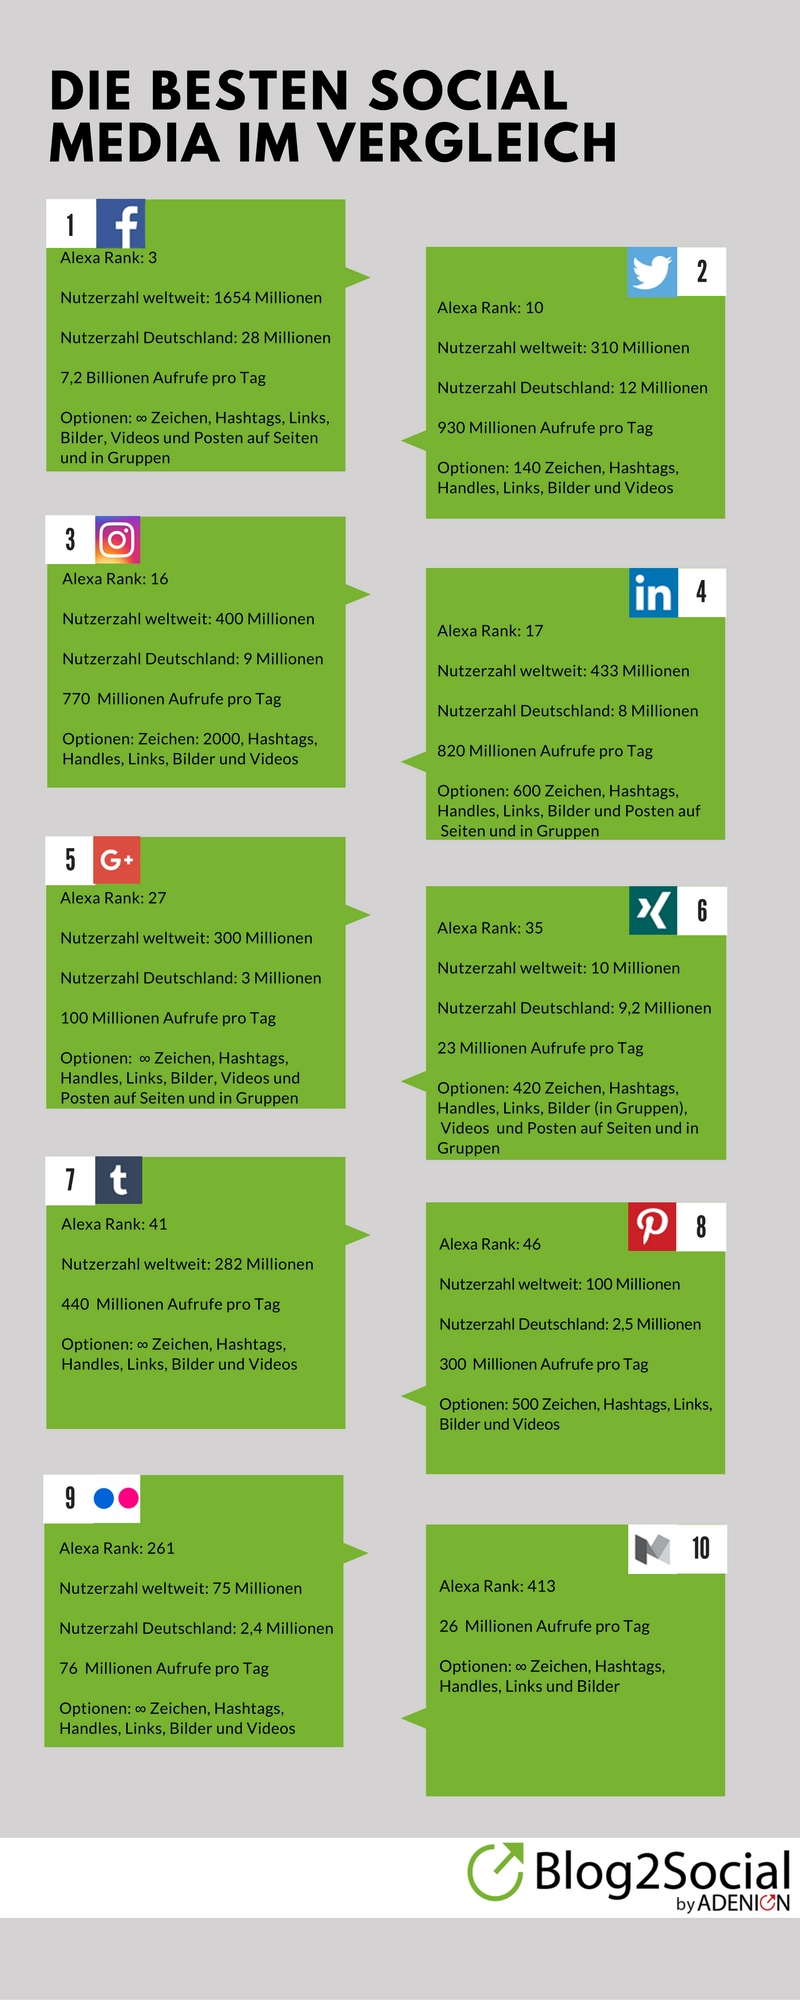 Die wichtigsten Social Media Netzwerke im Vergleich